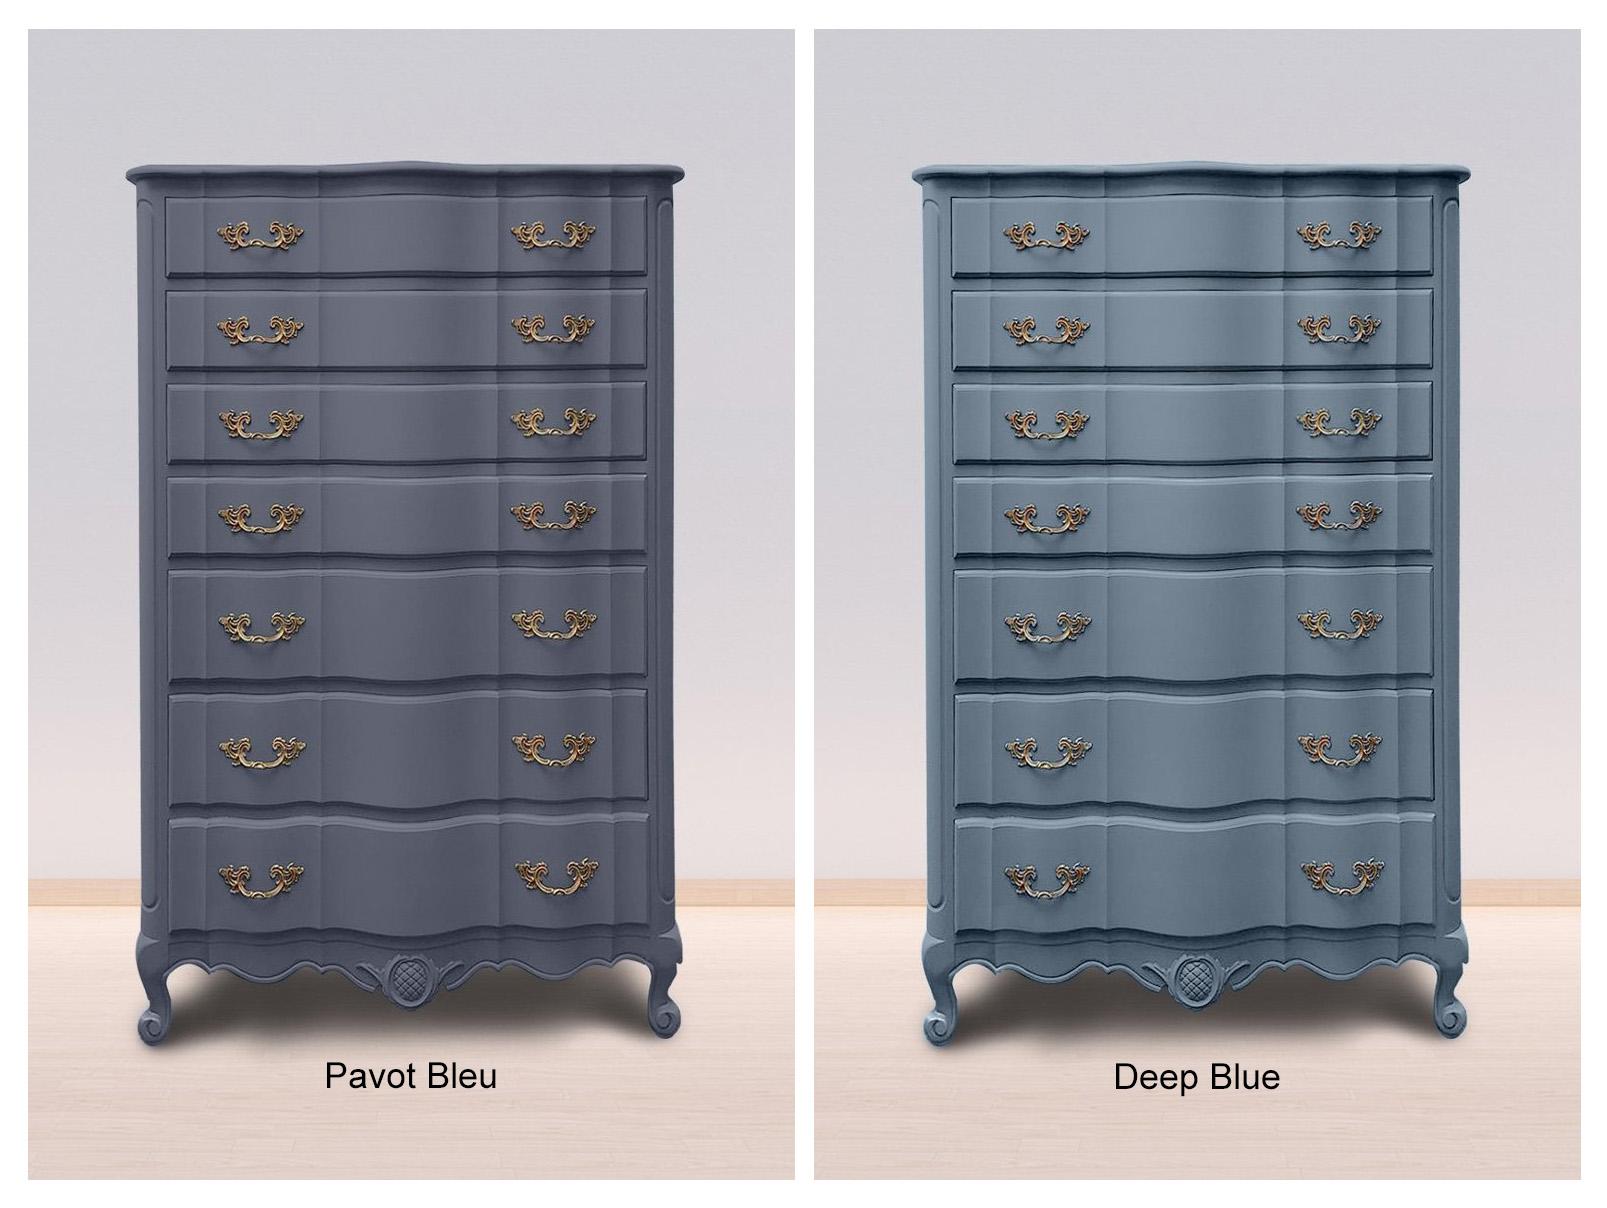 Pavot Bleu & Deep